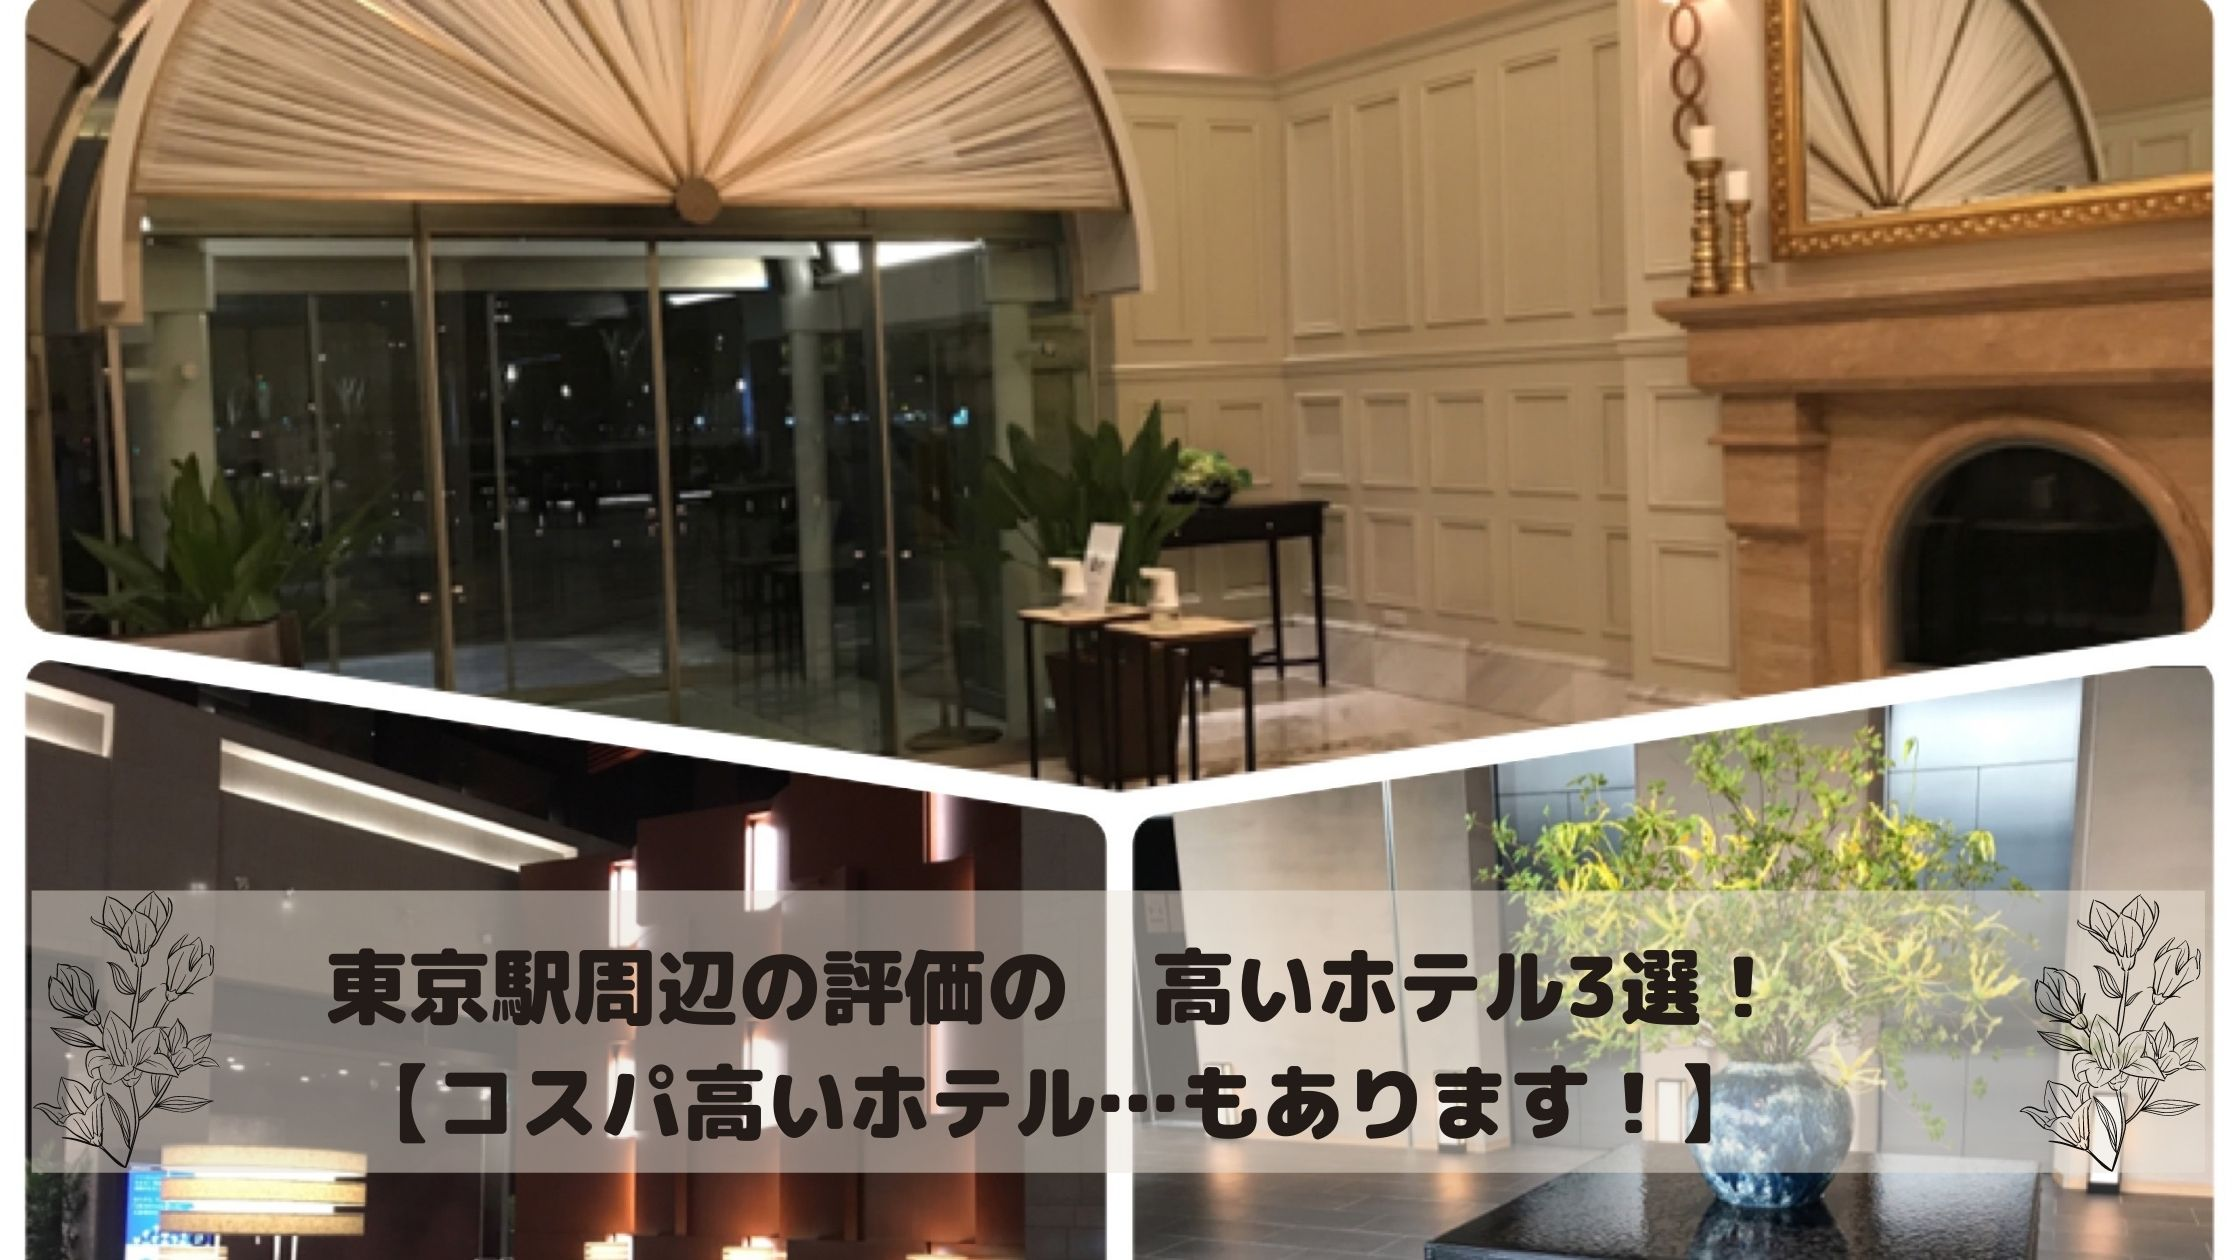 東京駅周辺ホテル 宿泊記